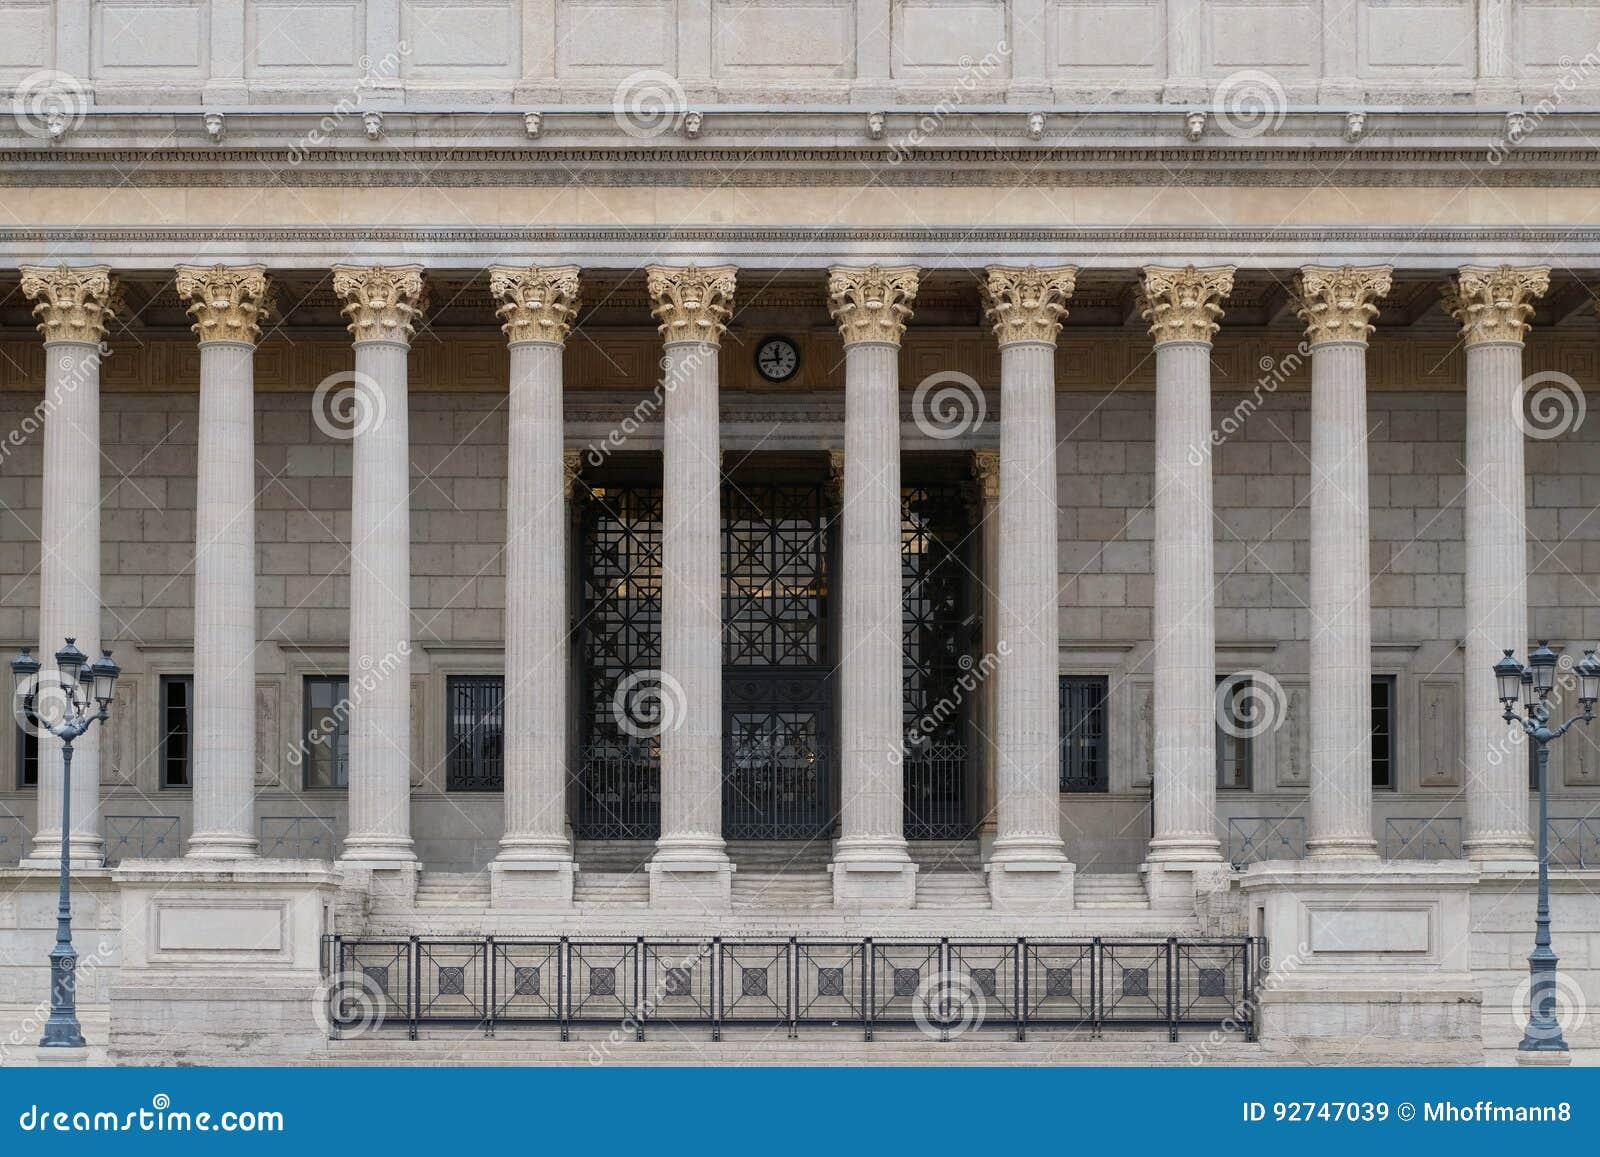 De bouwvoorzijde van een publiekrechtelijk hof in Lyon, Frankrijk, met een neoklassieke colonnade Corinthische kolommen